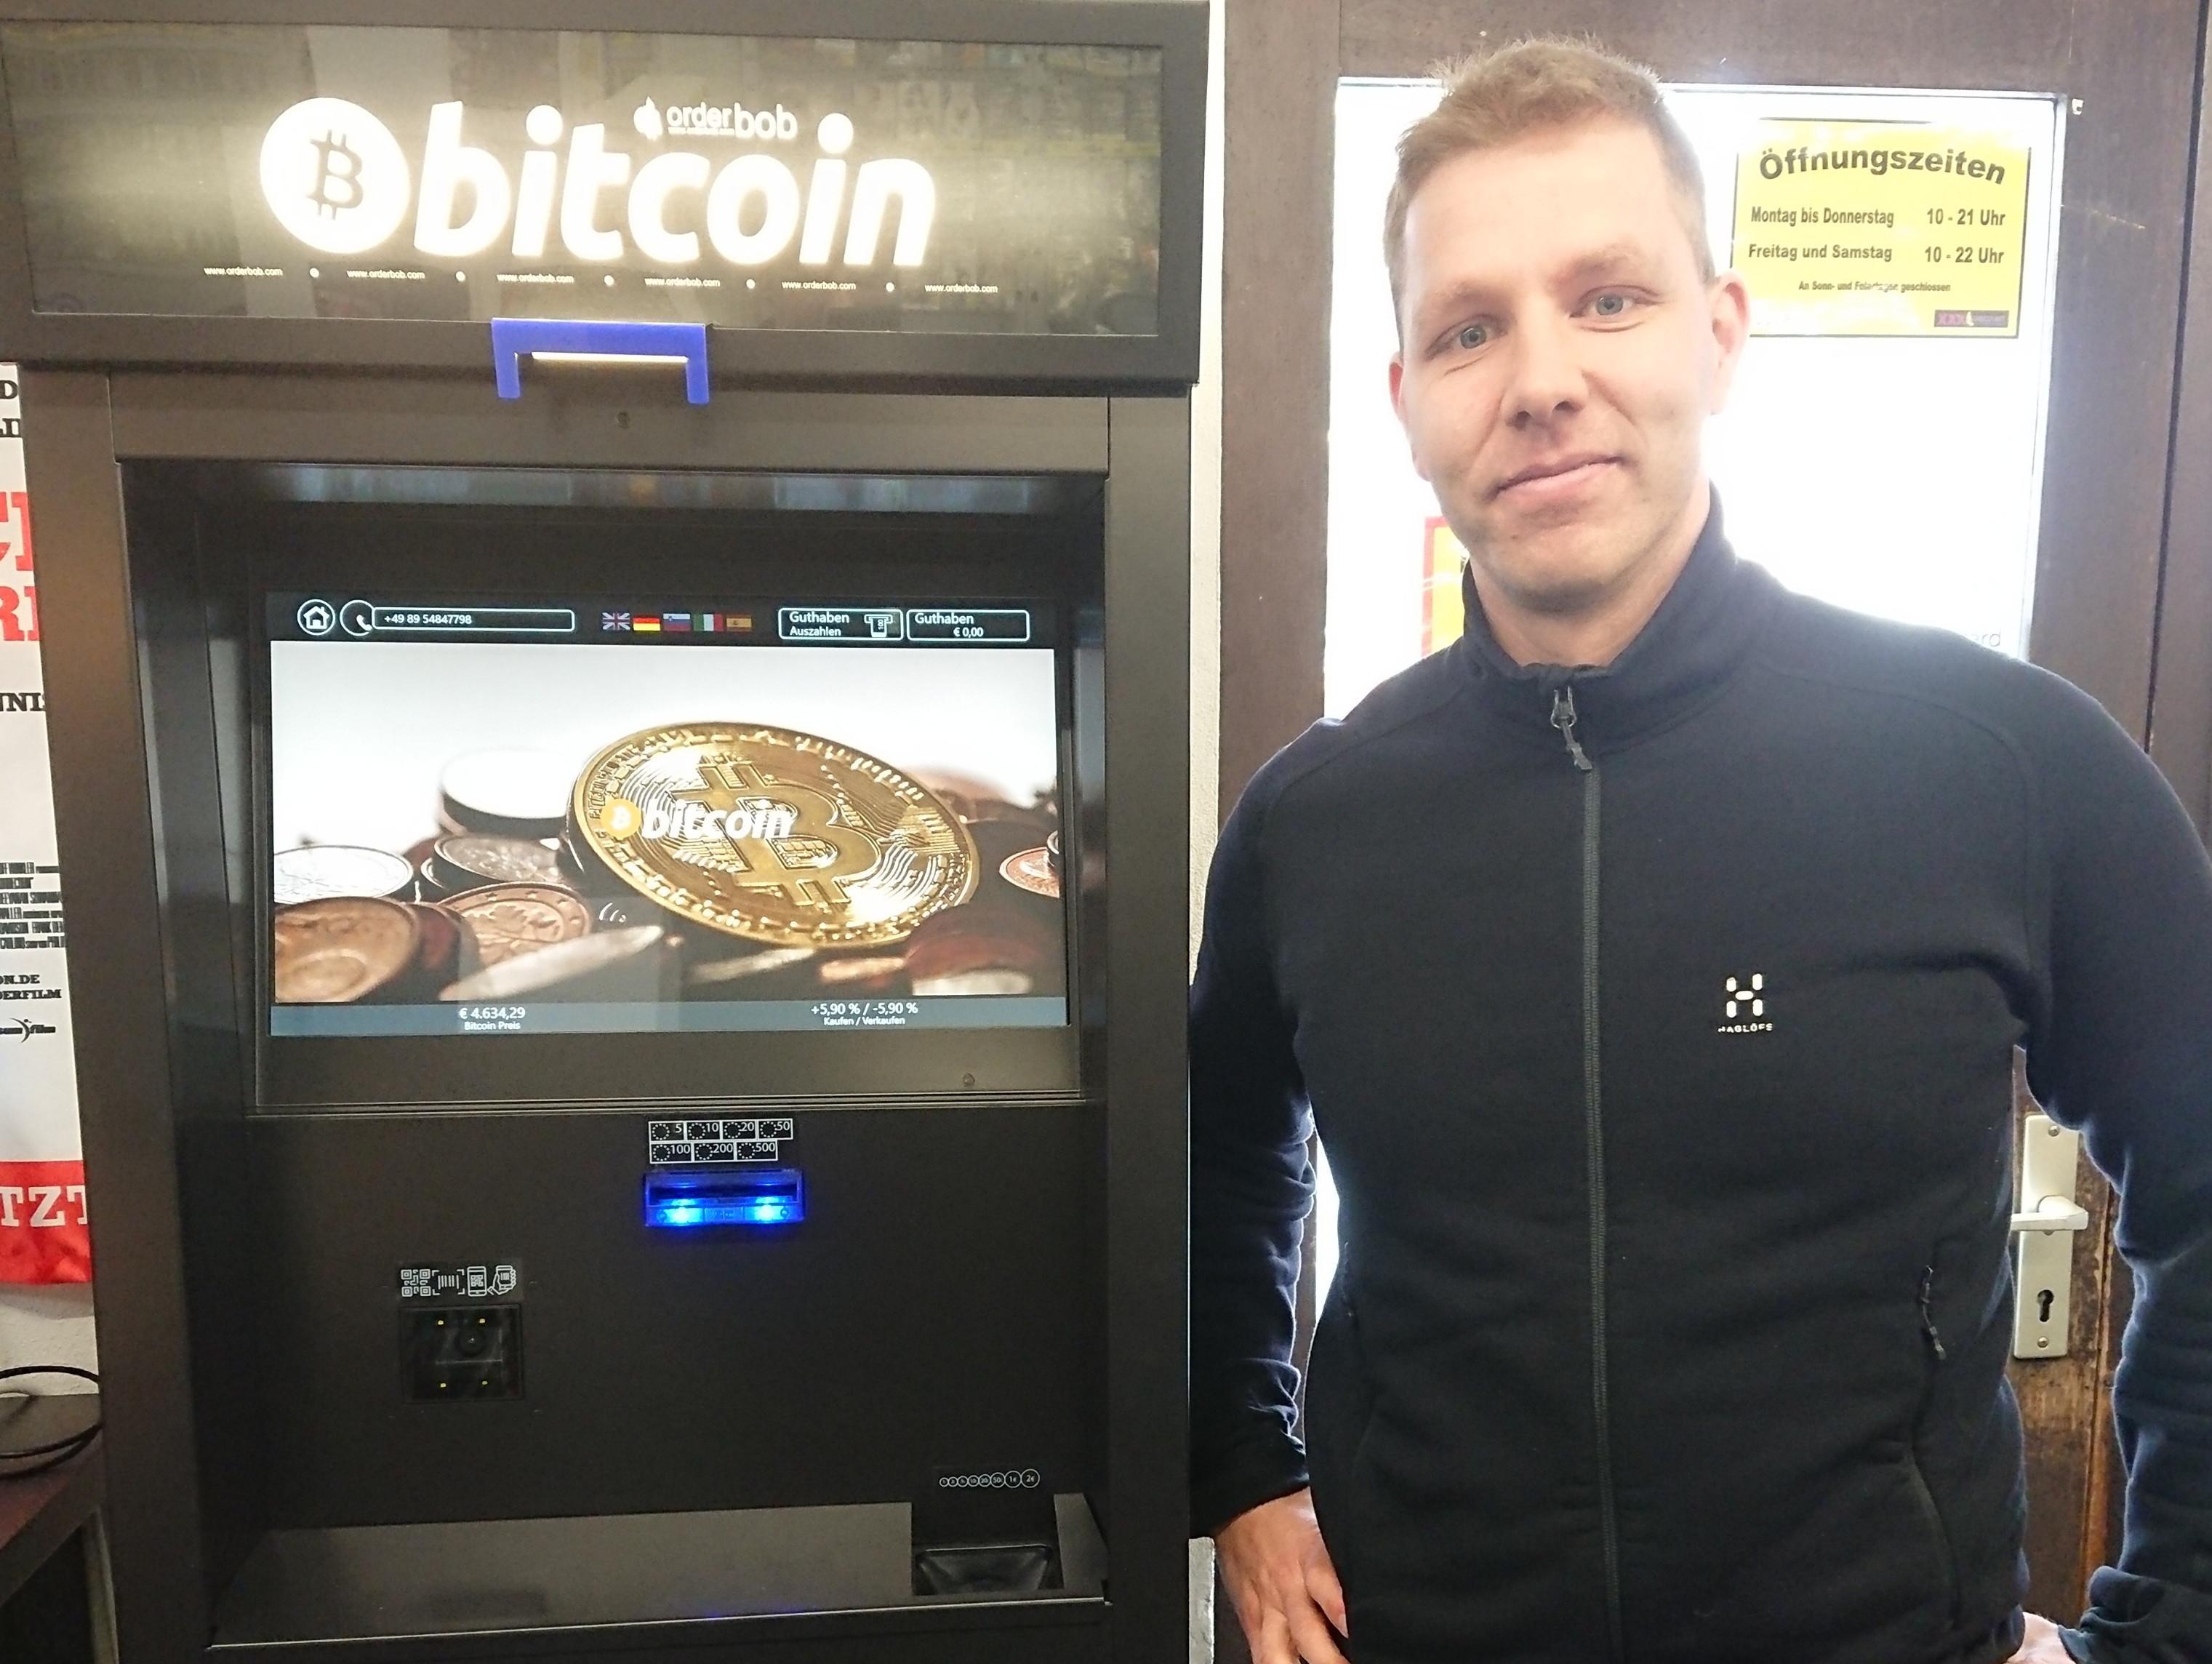 warum gibt es in deutschland keine bitcoin automaten investiert edward jones in bitcoin?